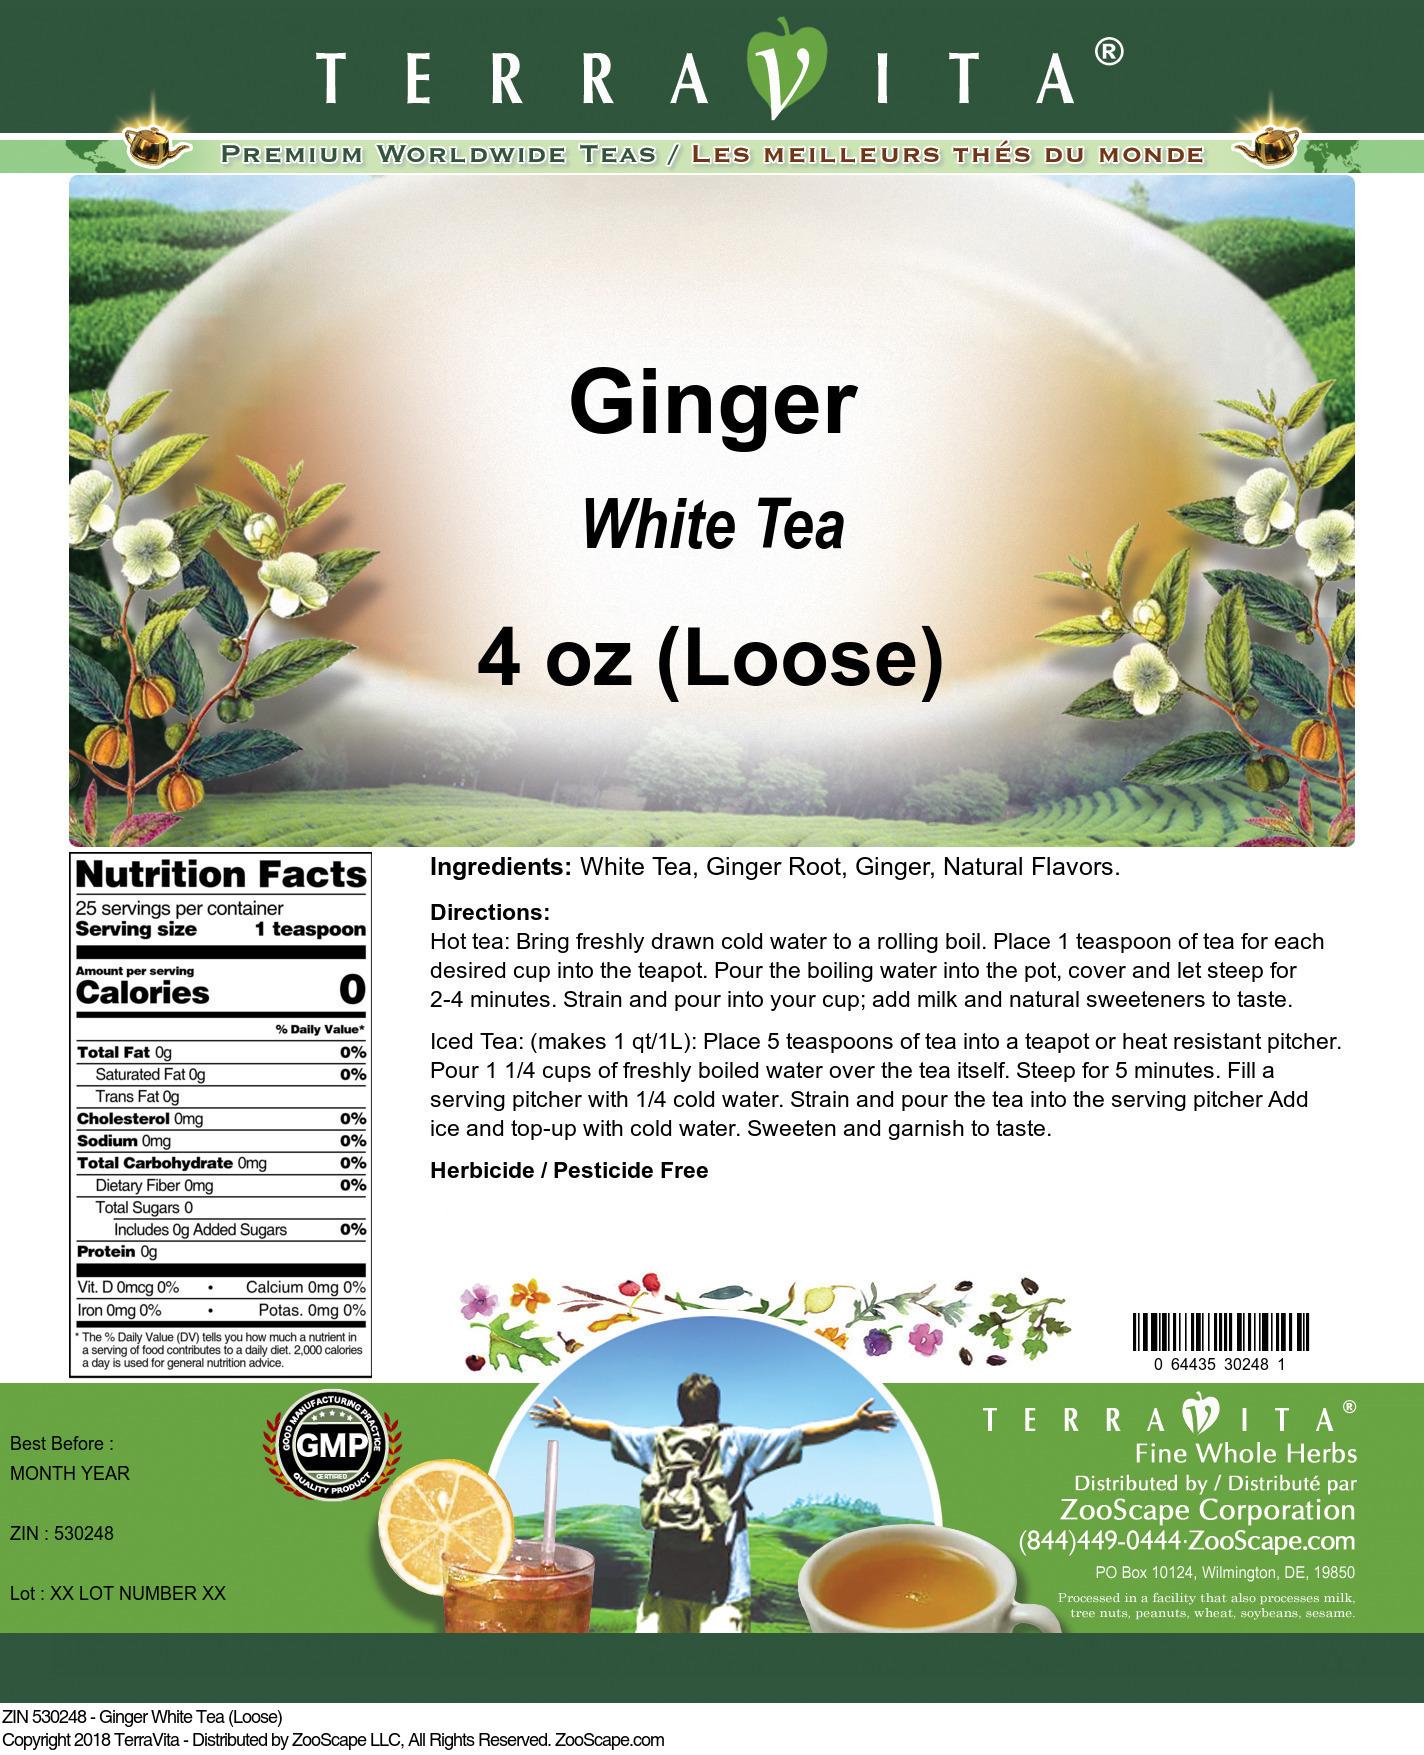 Ginger White Tea